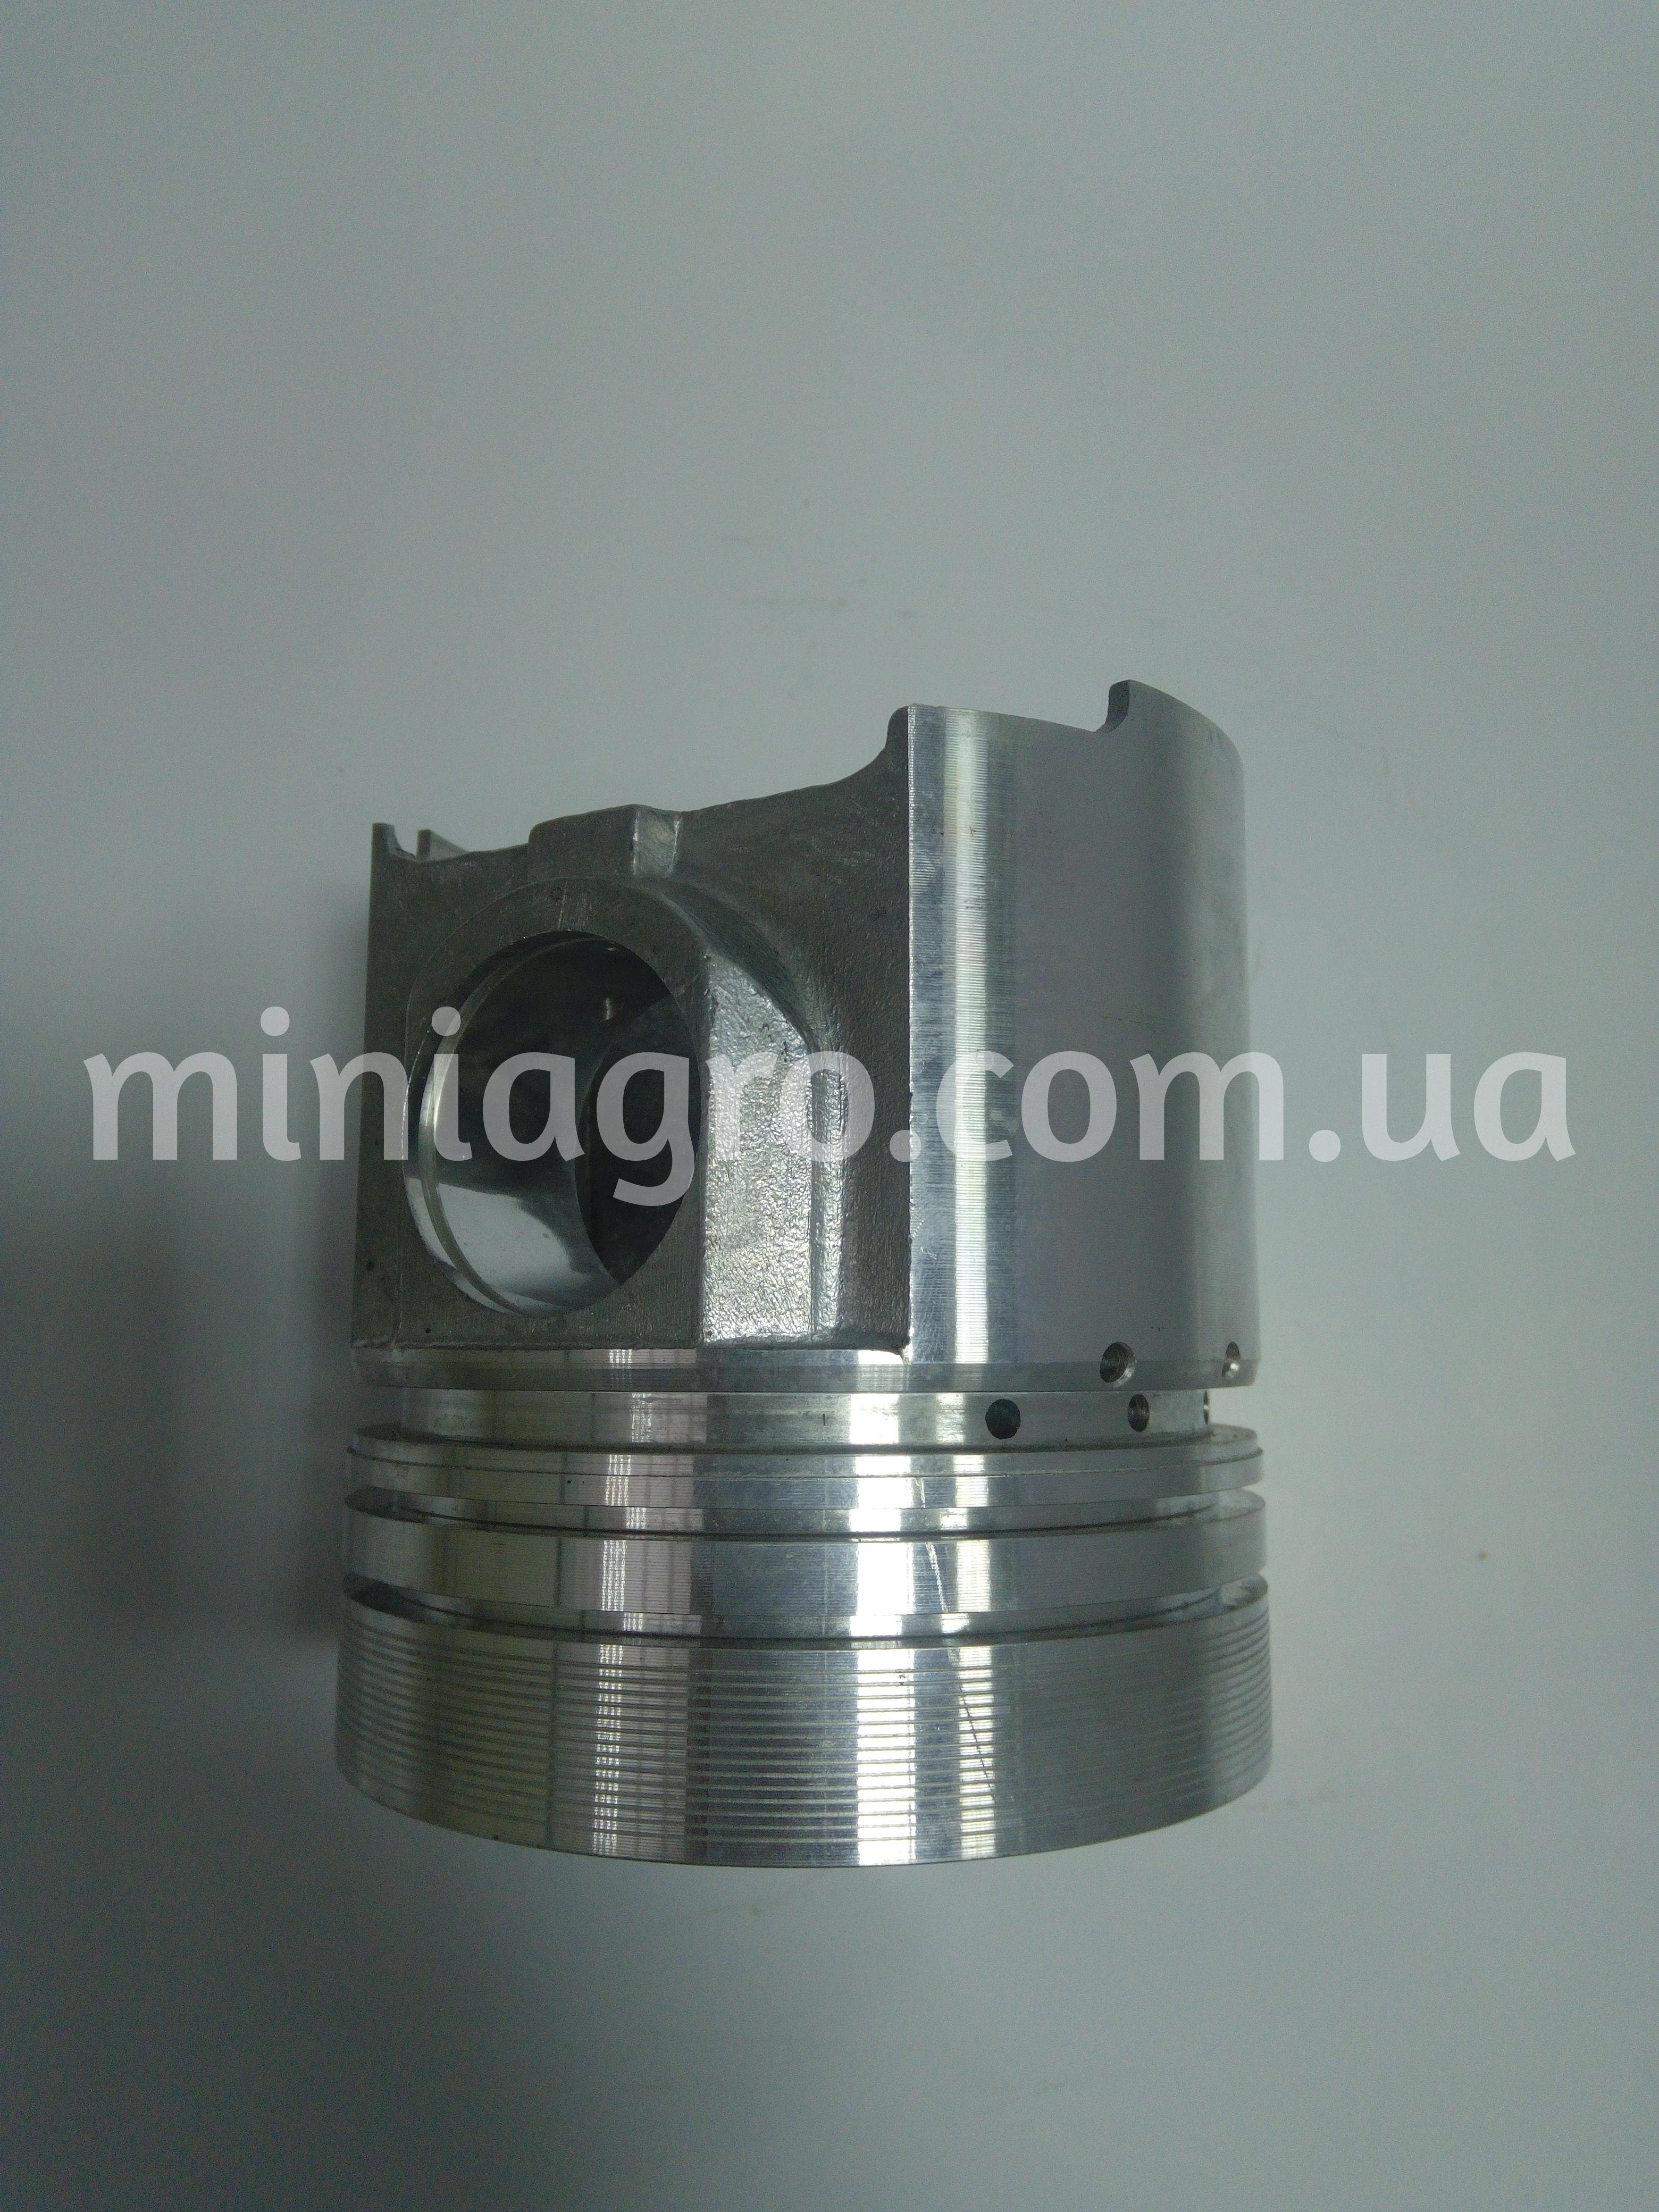 Поршень двигателя DHL1100 для мототрактора XT160